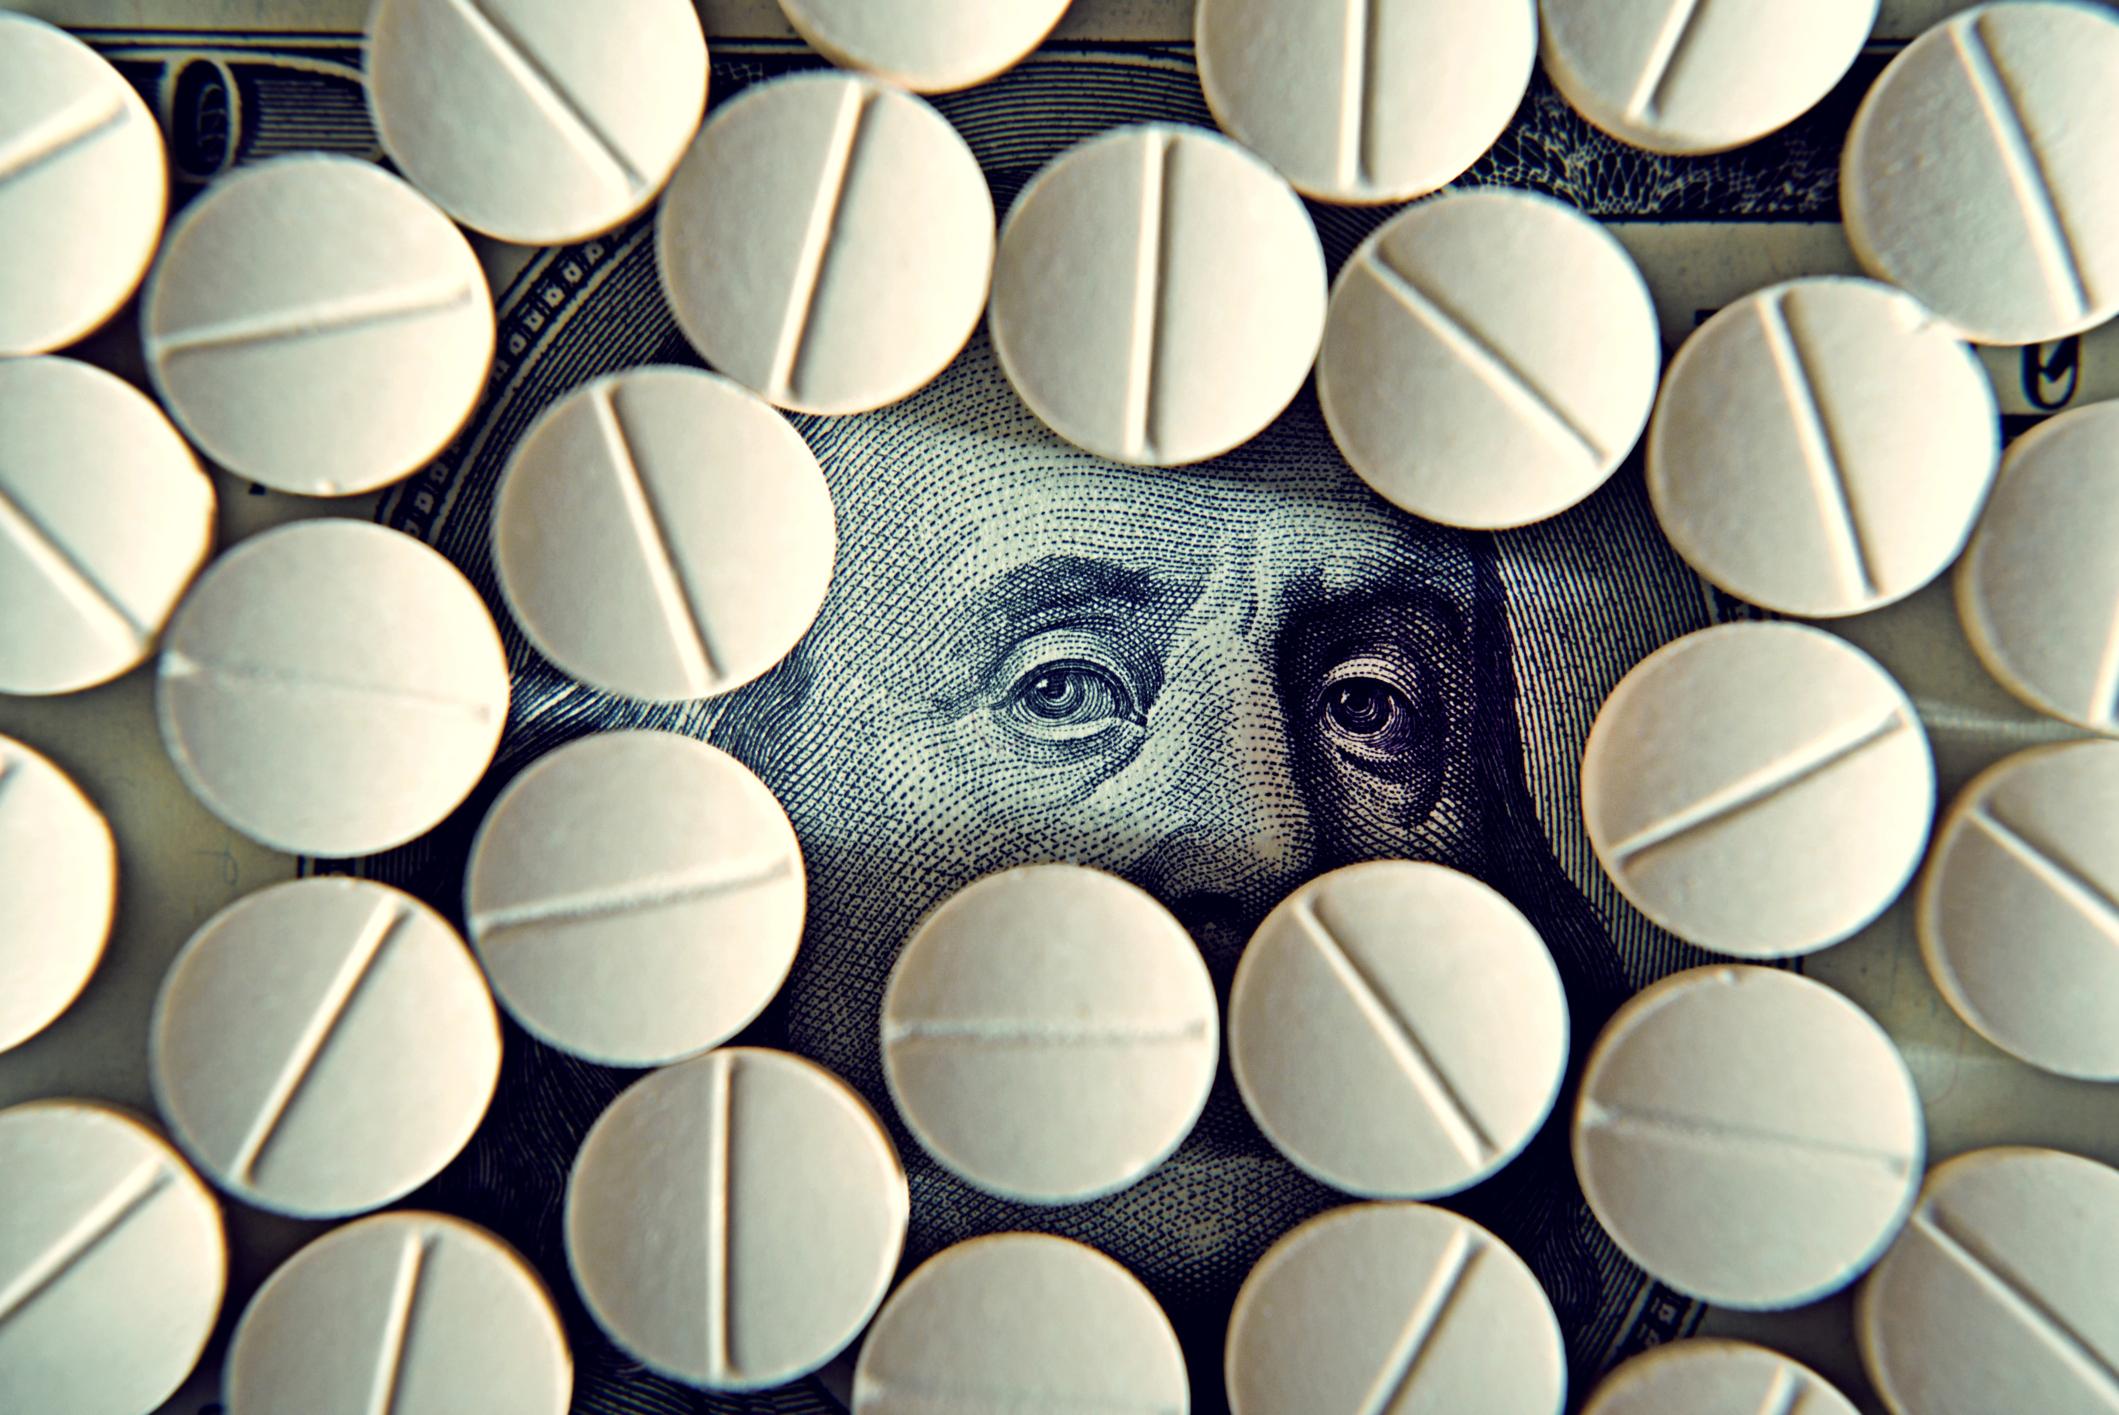 Prescription drug tablets covering a hundred dollar bill, save for Ben Franklin's eyes.